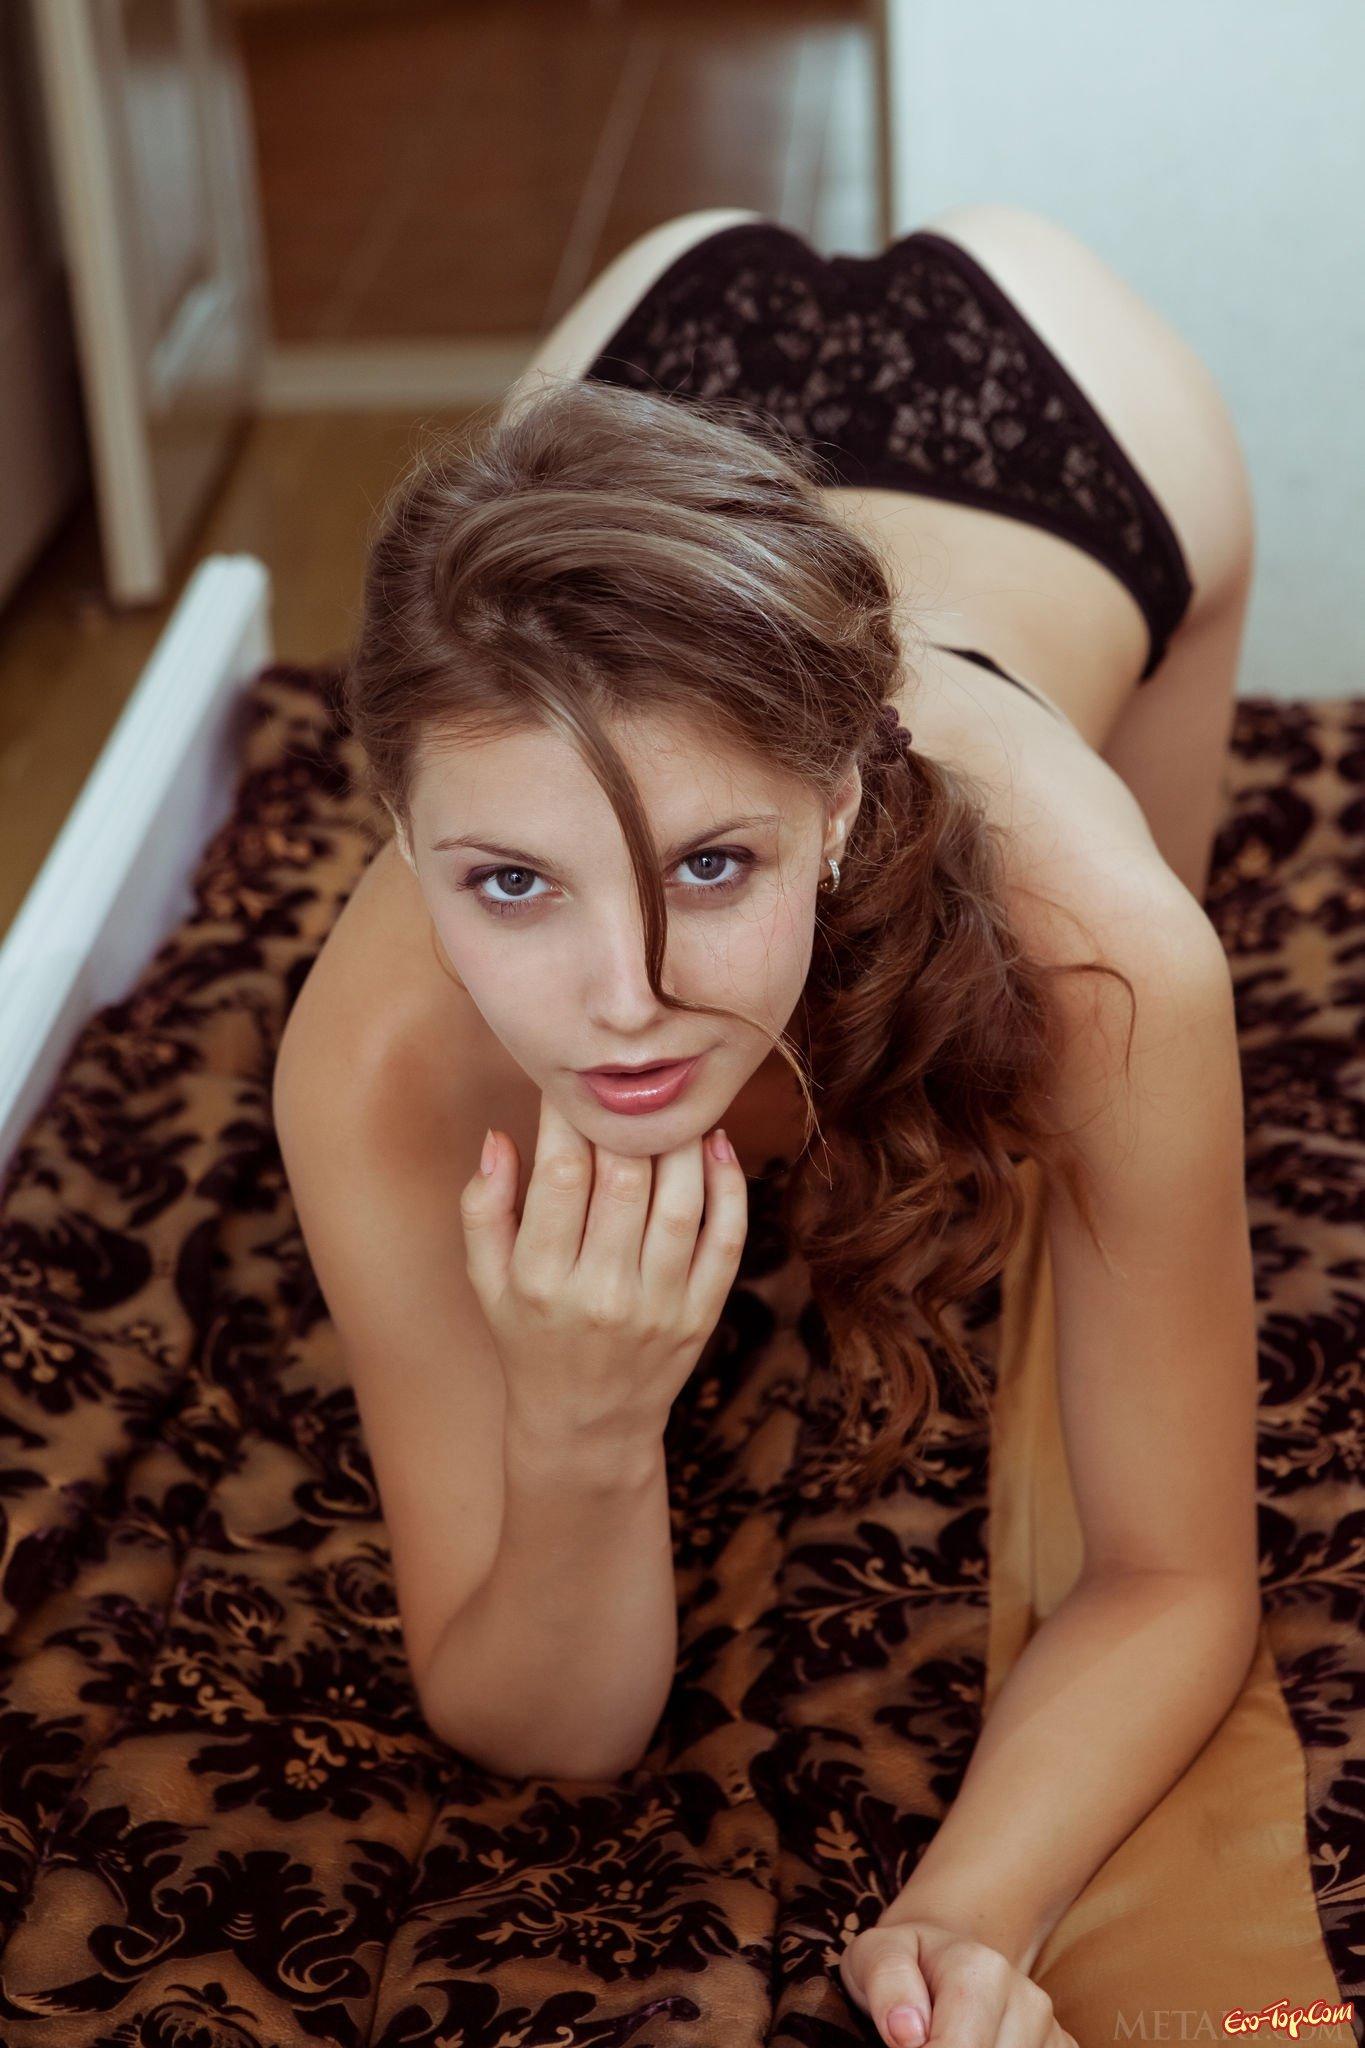 Молодые попки девчат для удовольствия 19 фото эротики